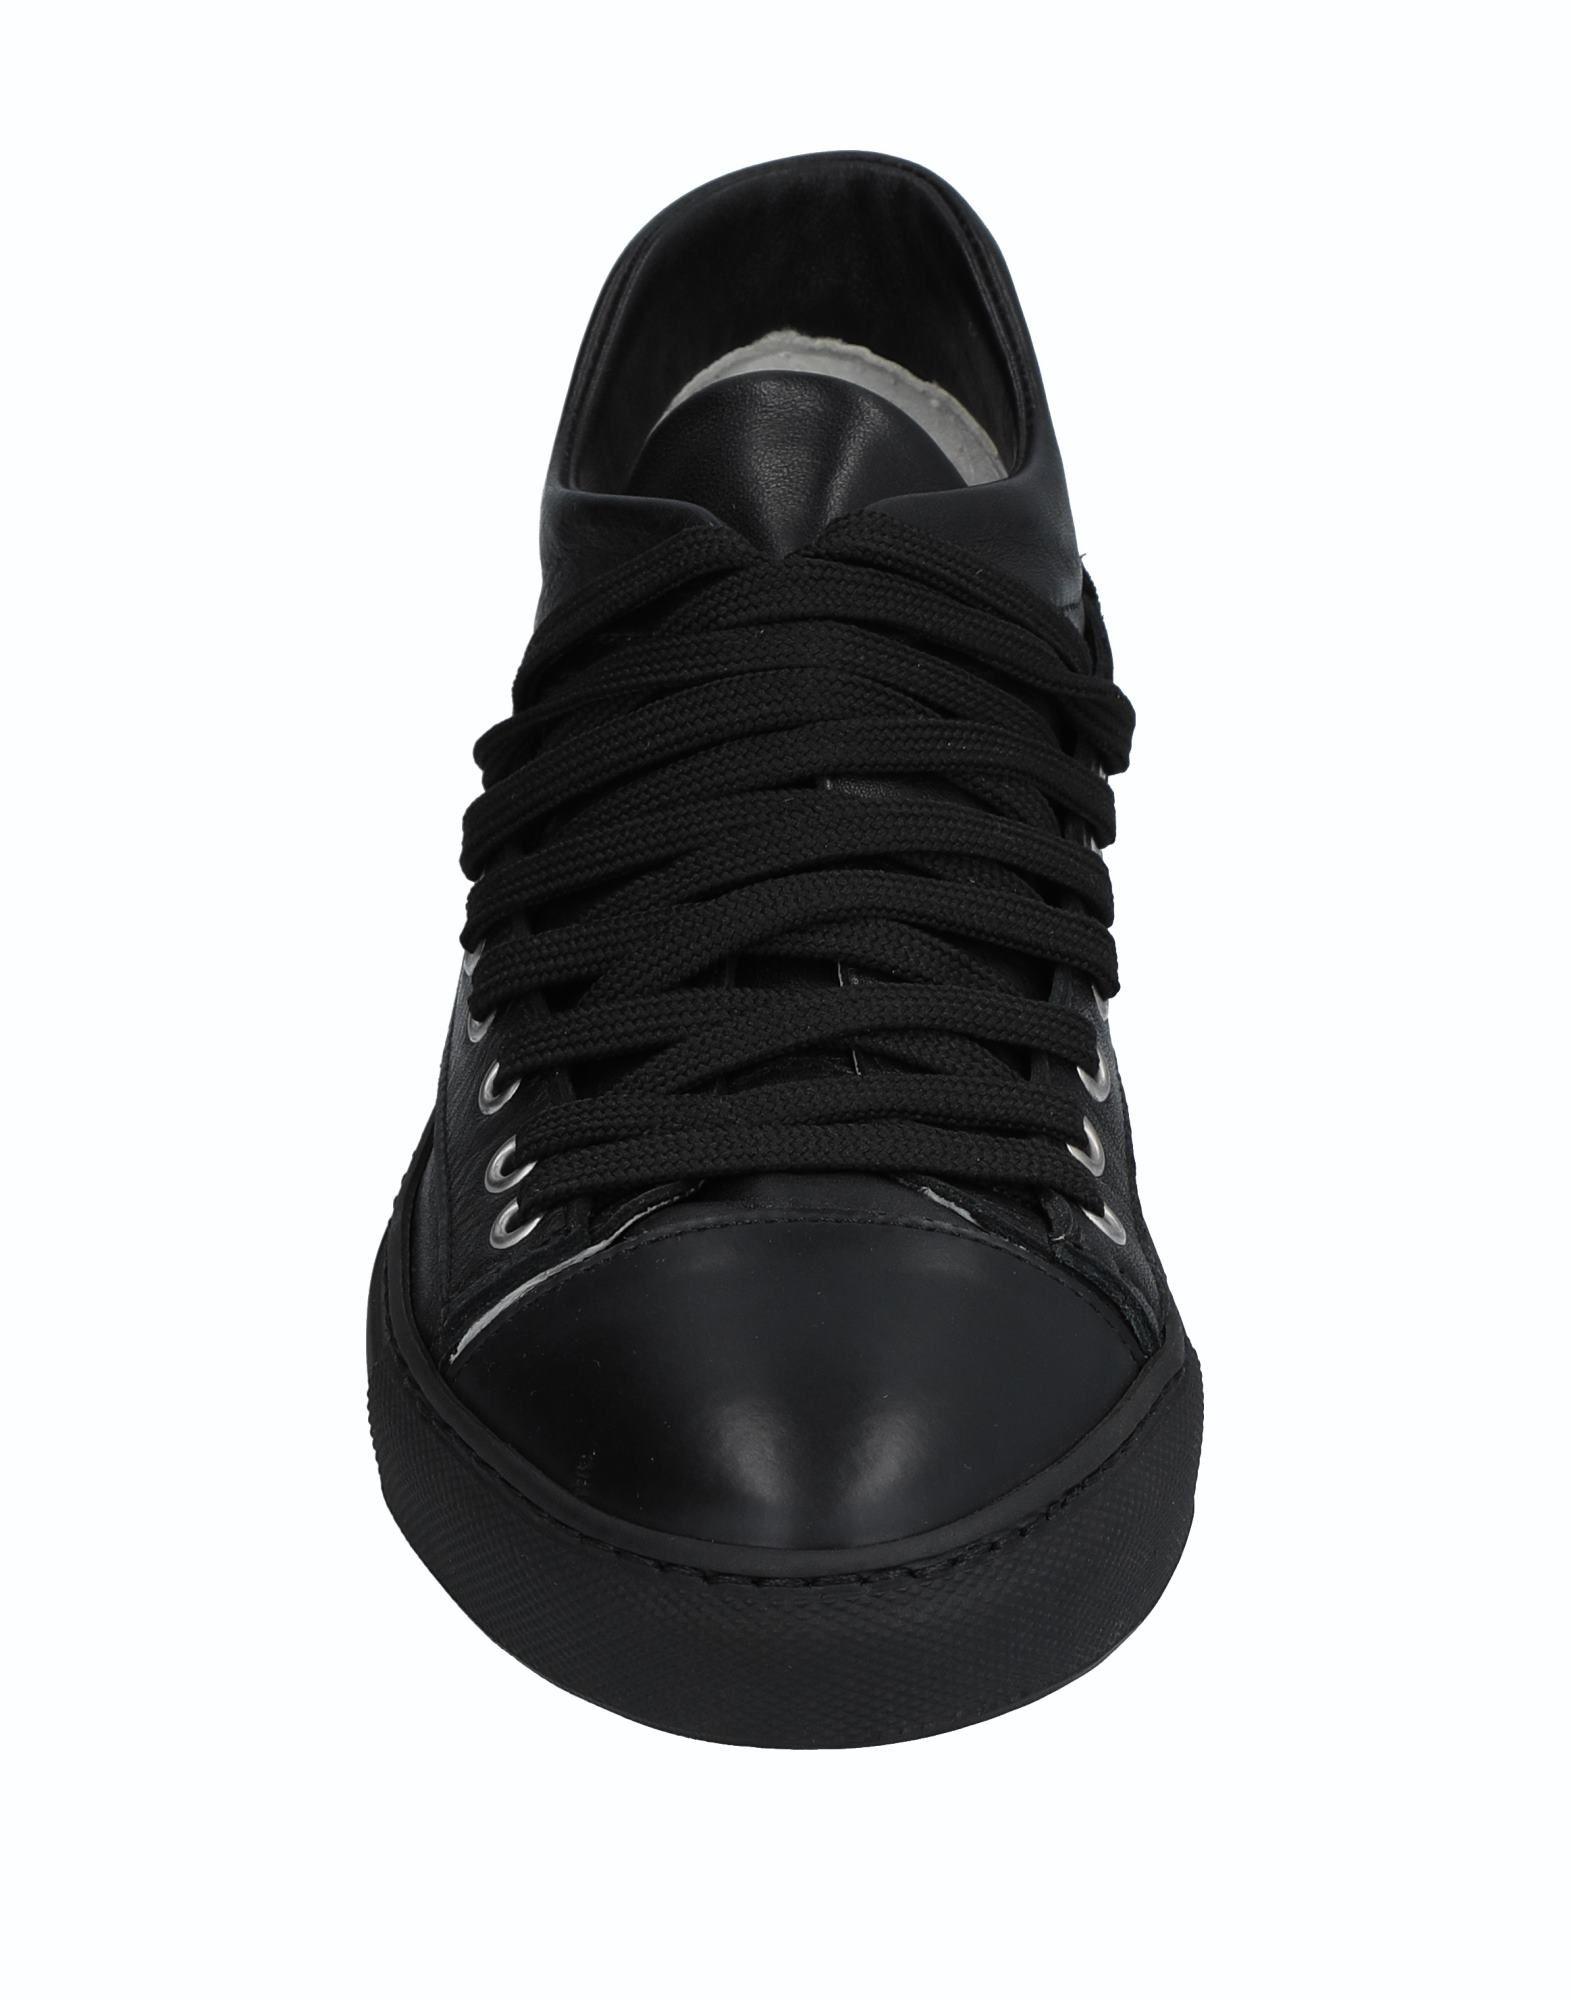 Rabatt echte Schuhe O★M  Herren Orzo & Malto Sneakers Herren   11523211UR 084a35